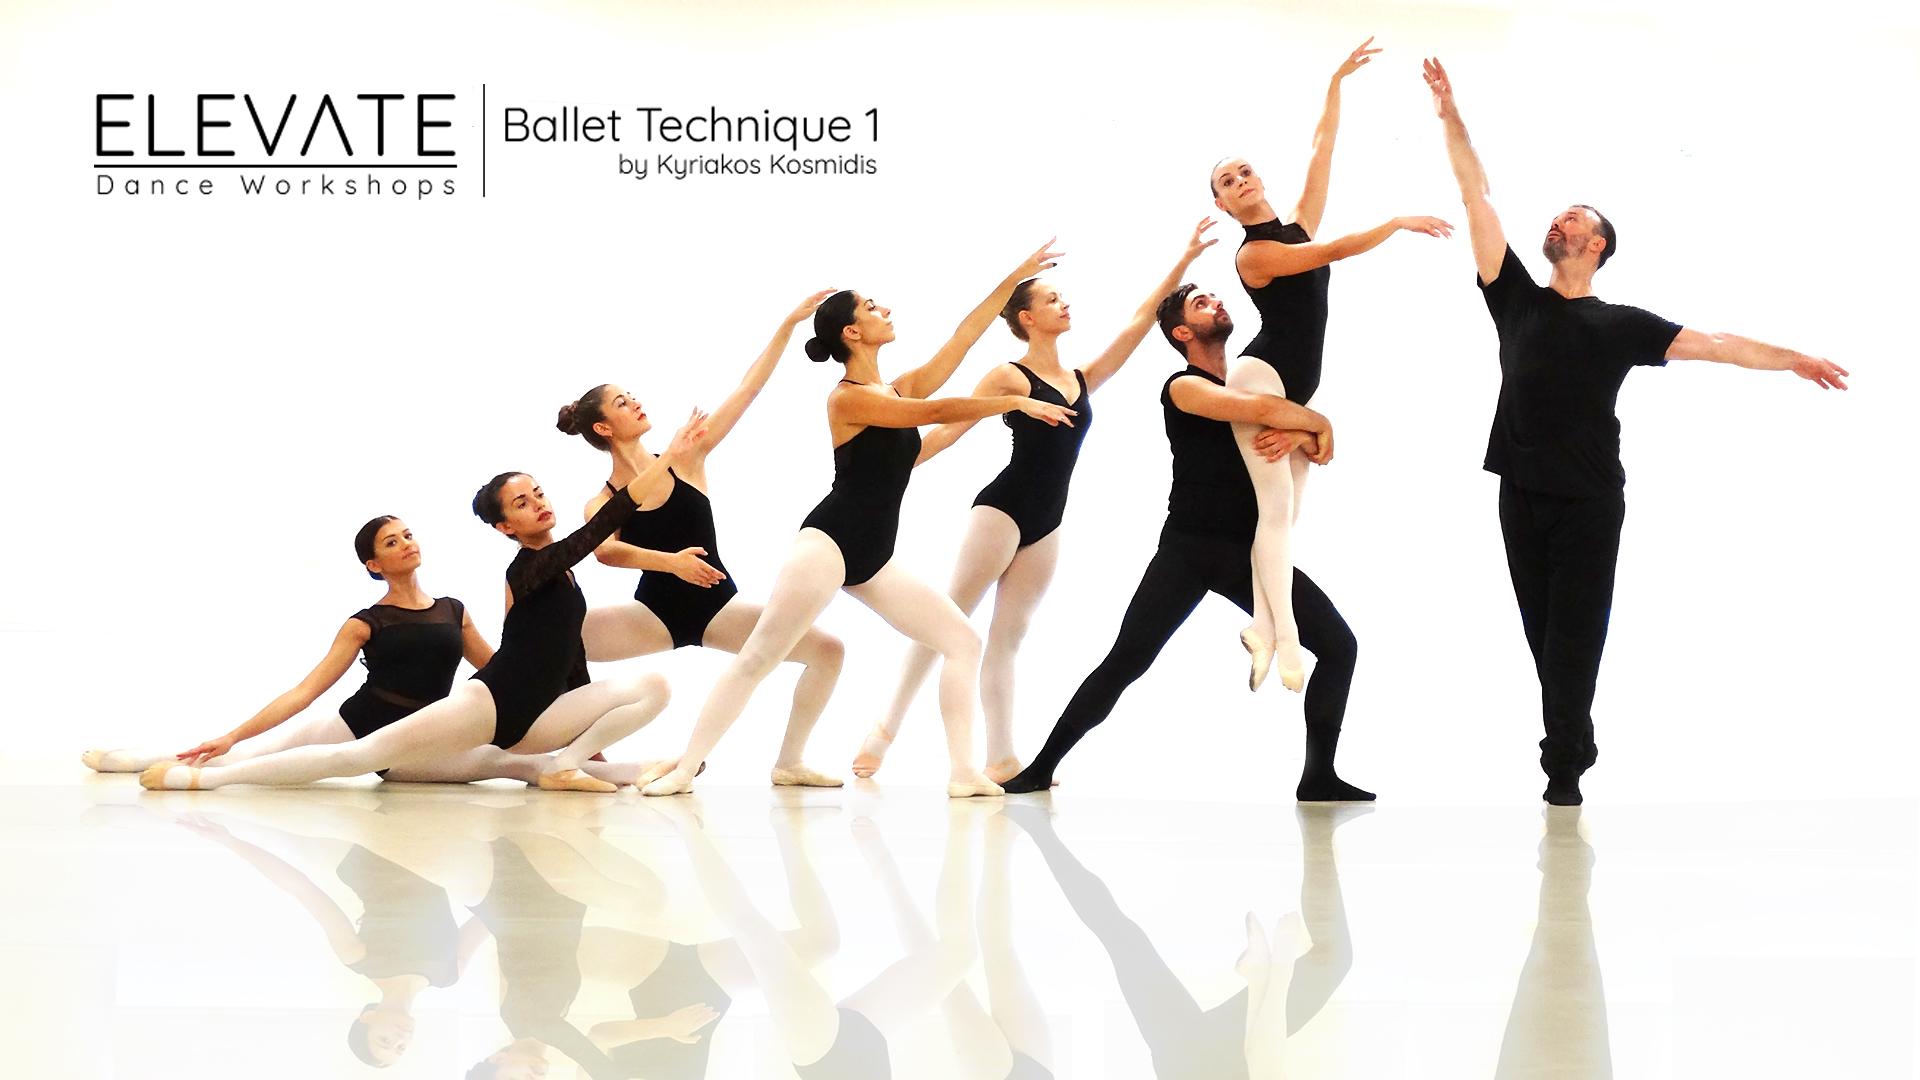 Elevate Ballet Technique 1